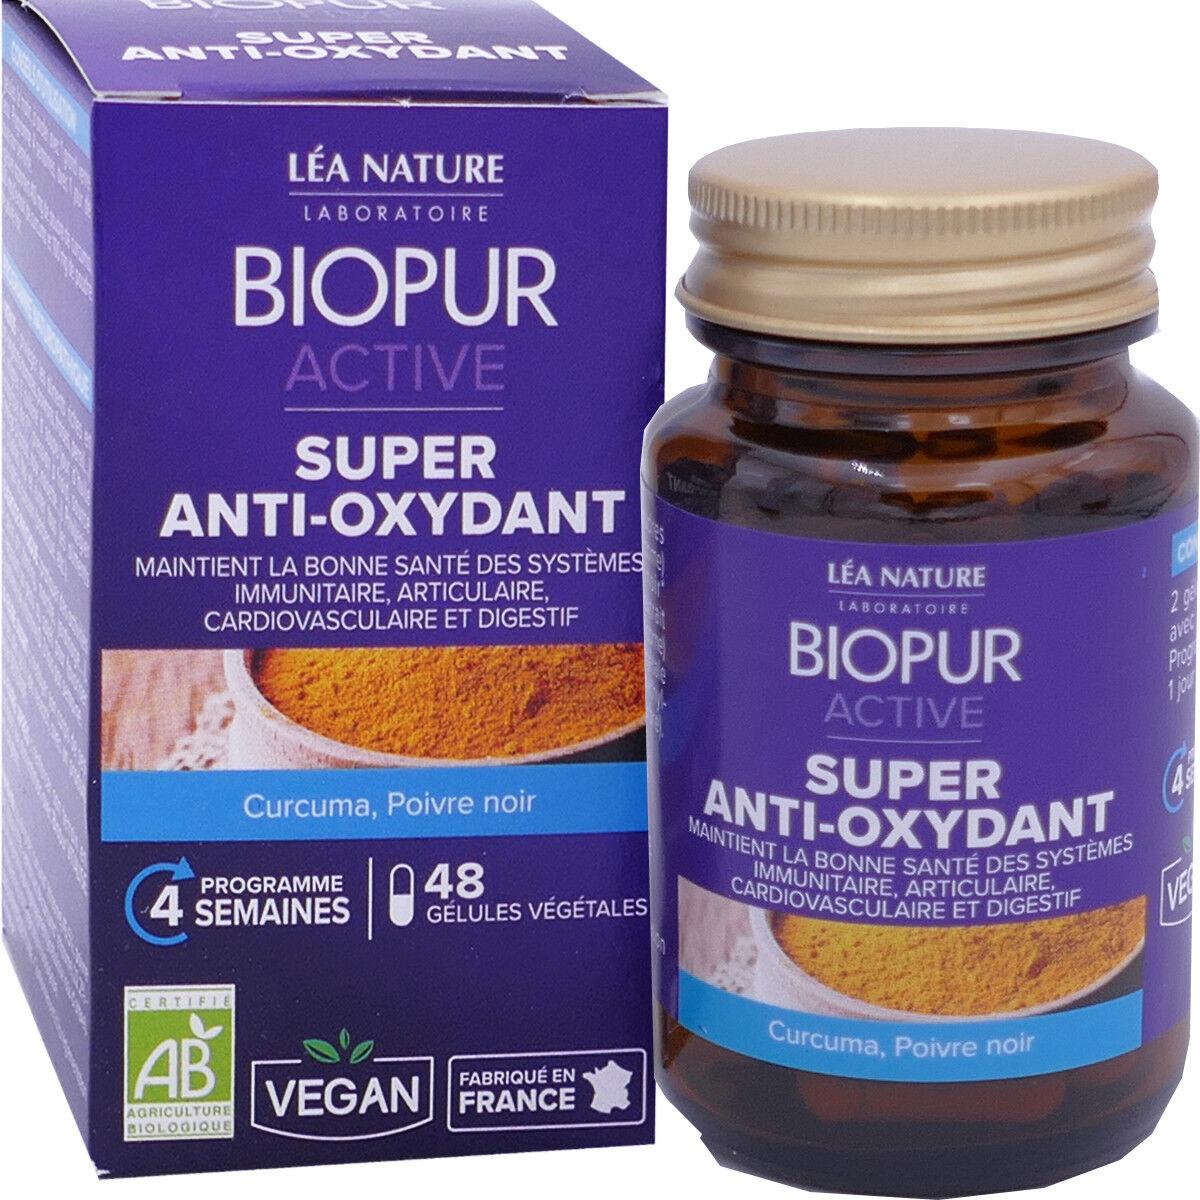 LEA NATURE Biopur active super anti-oxydant 48 gelules bio